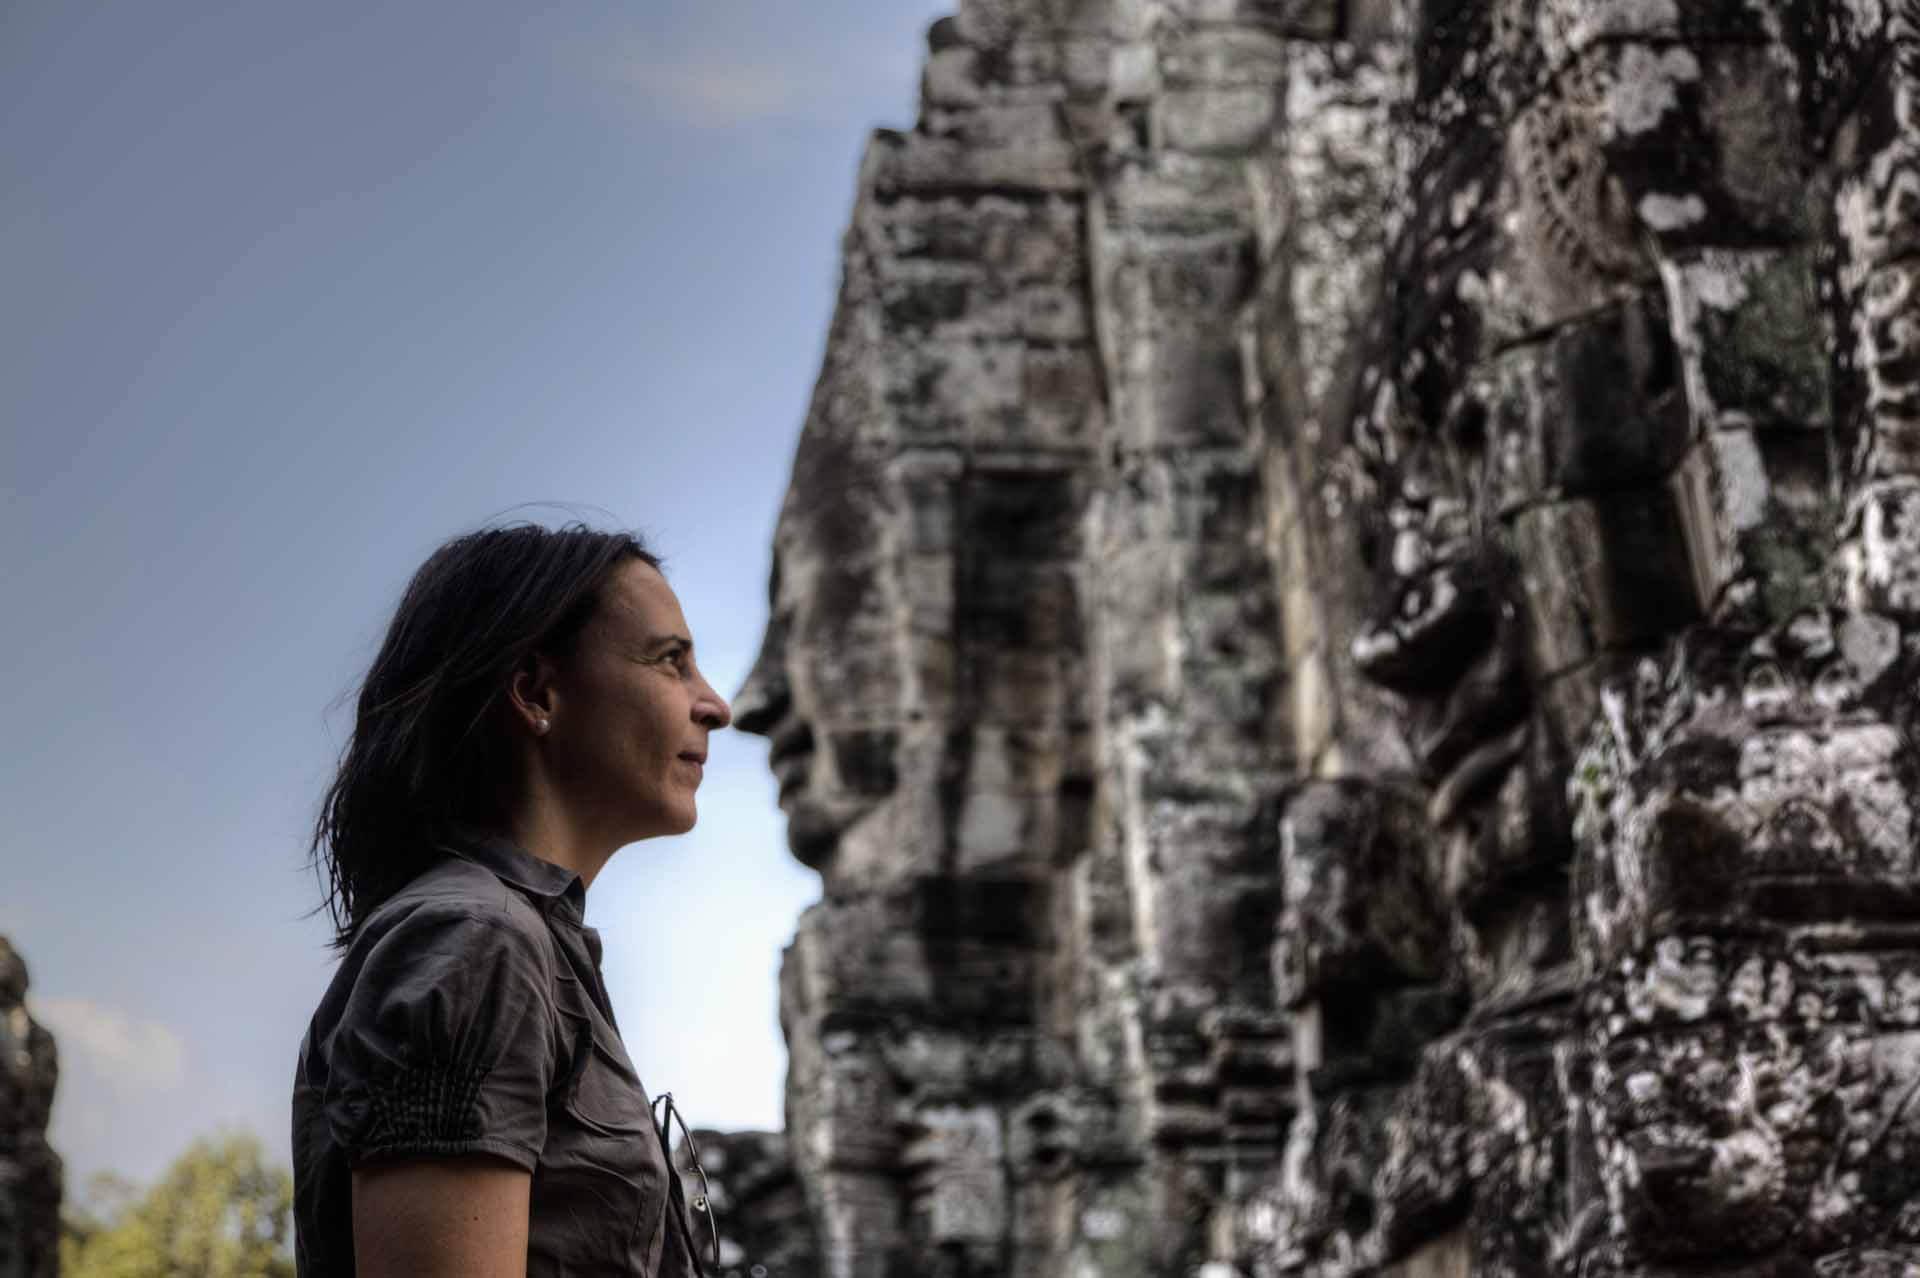 Nikki näselt mit der Steinfigur